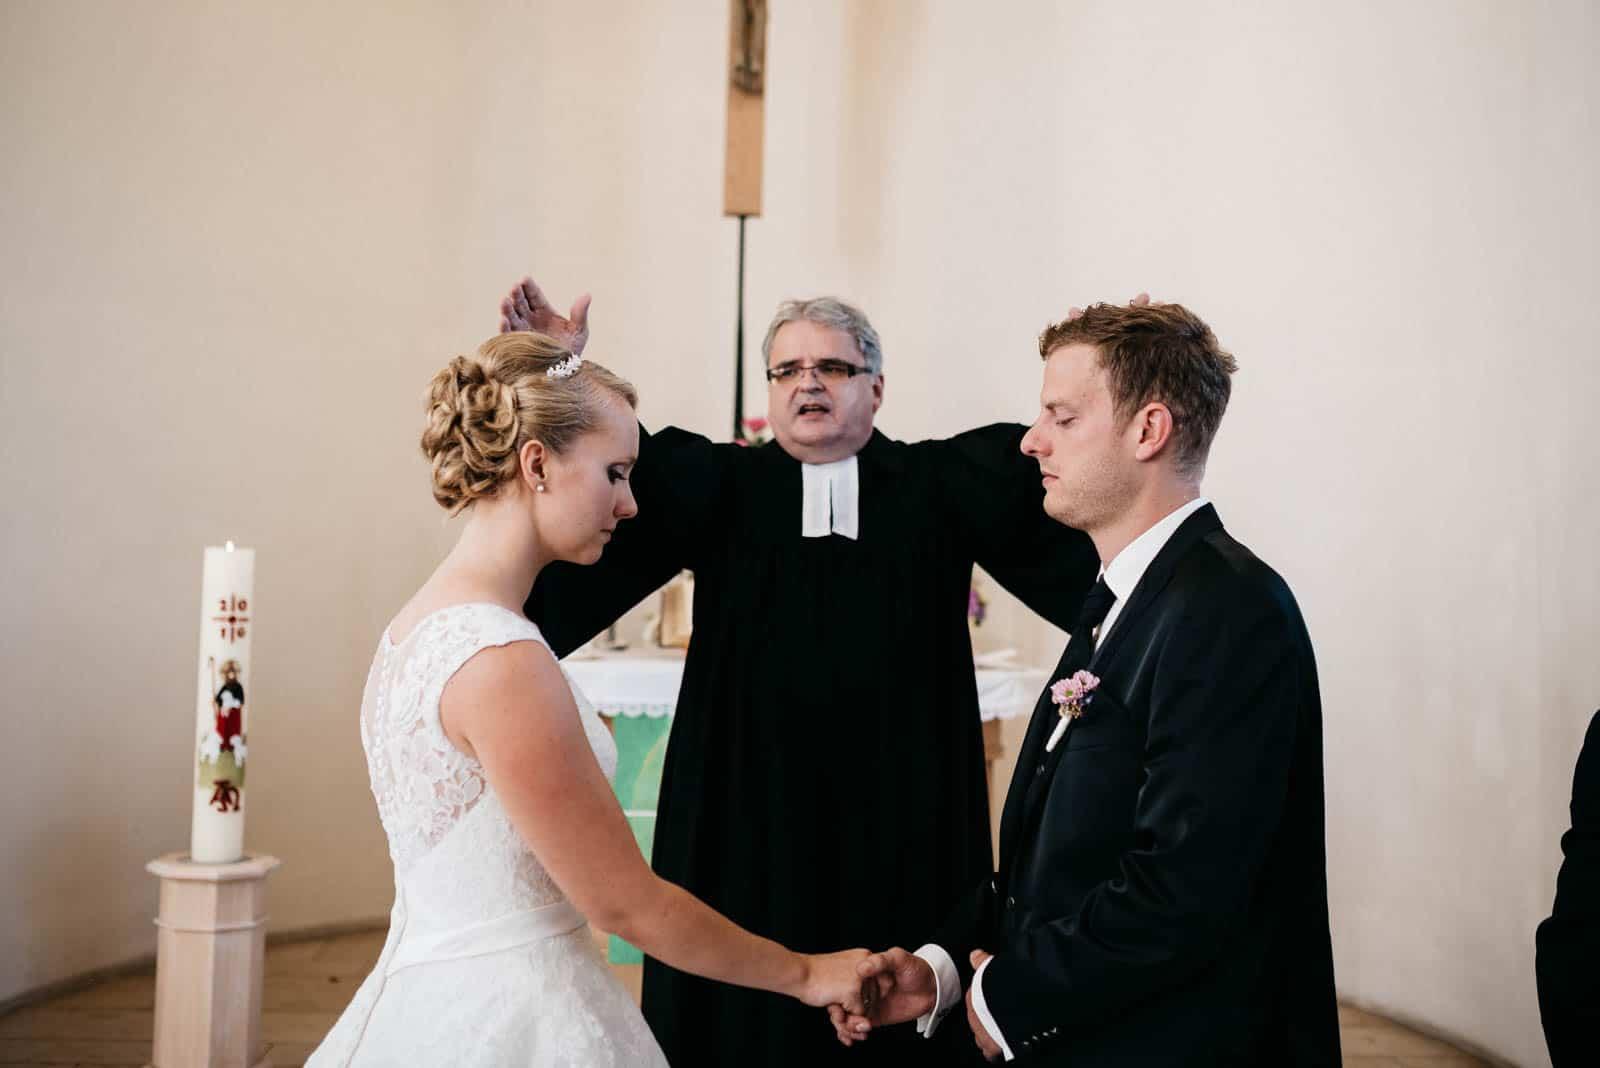 Wedding_Photography_065